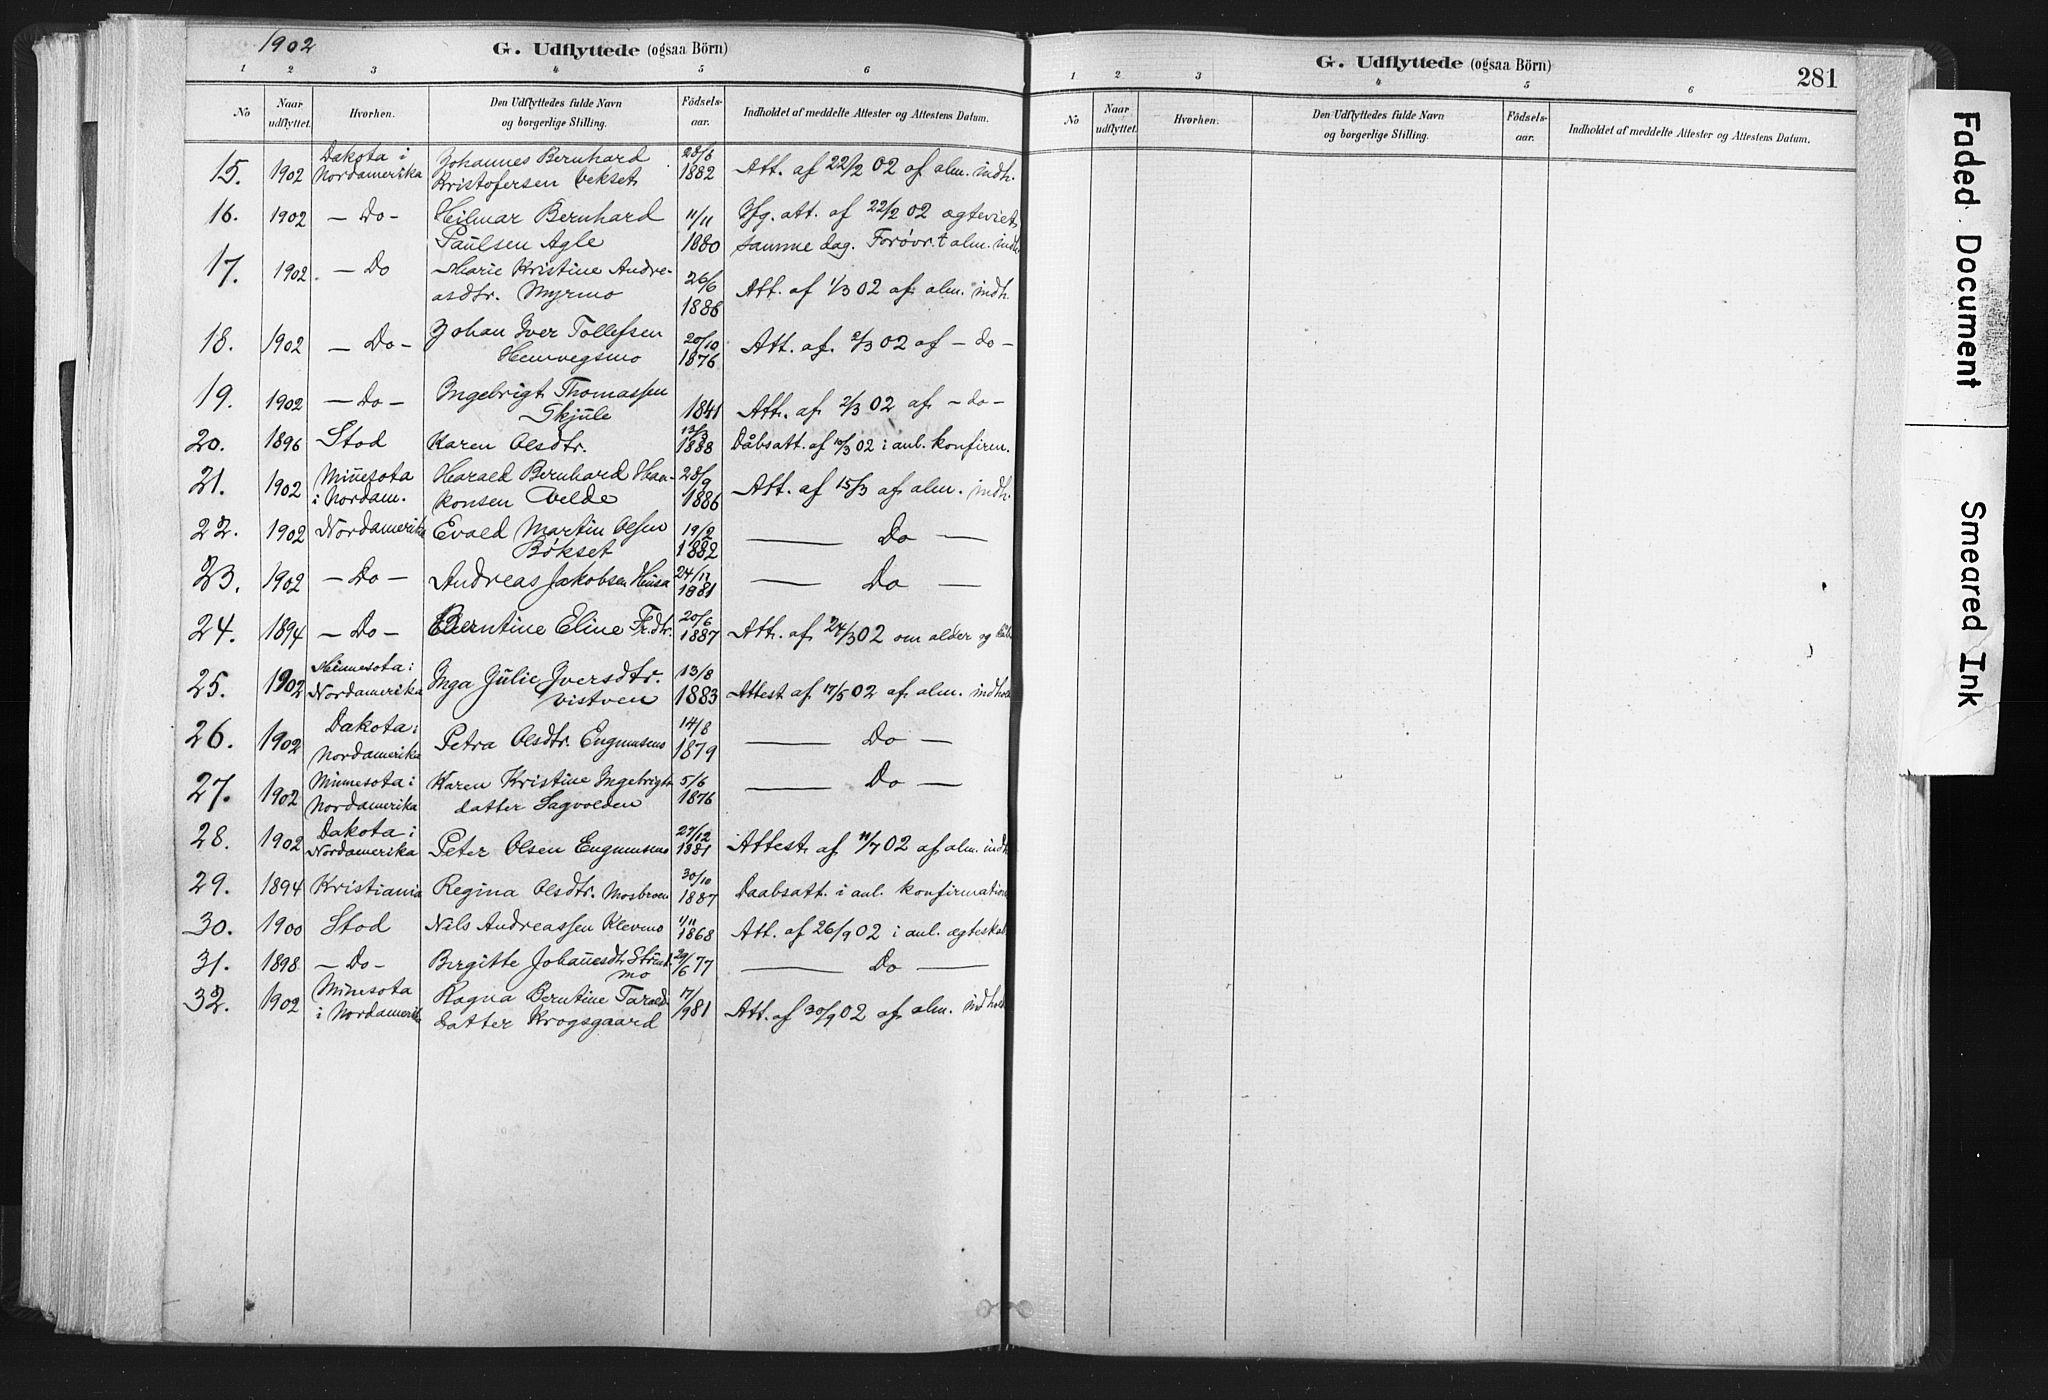 SAT, Ministerialprotokoller, klokkerbøker og fødselsregistre - Nord-Trøndelag, 749/L0474: Ministerialbok nr. 749A08, 1887-1903, s. 281